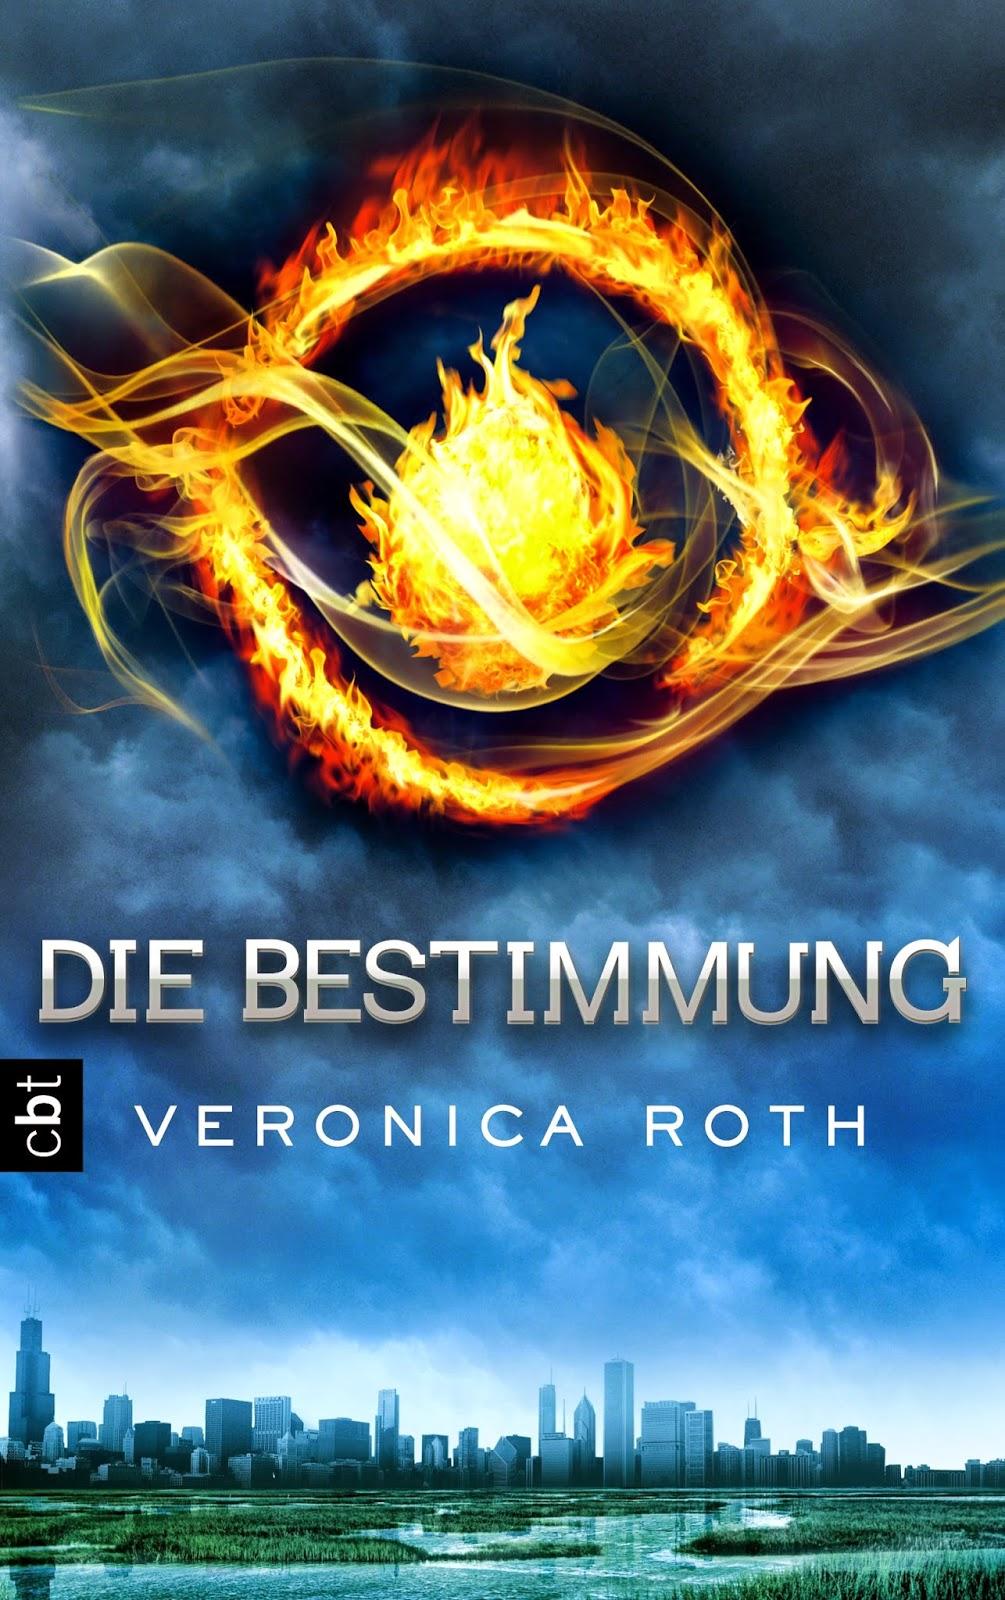 http://www.randomhouse.de/Presse/Buch/Die-Bestimmung-Toedliche-Wahrheit-Band-2/Veronica-Roth/pr384362.rhd?pub=1&men=